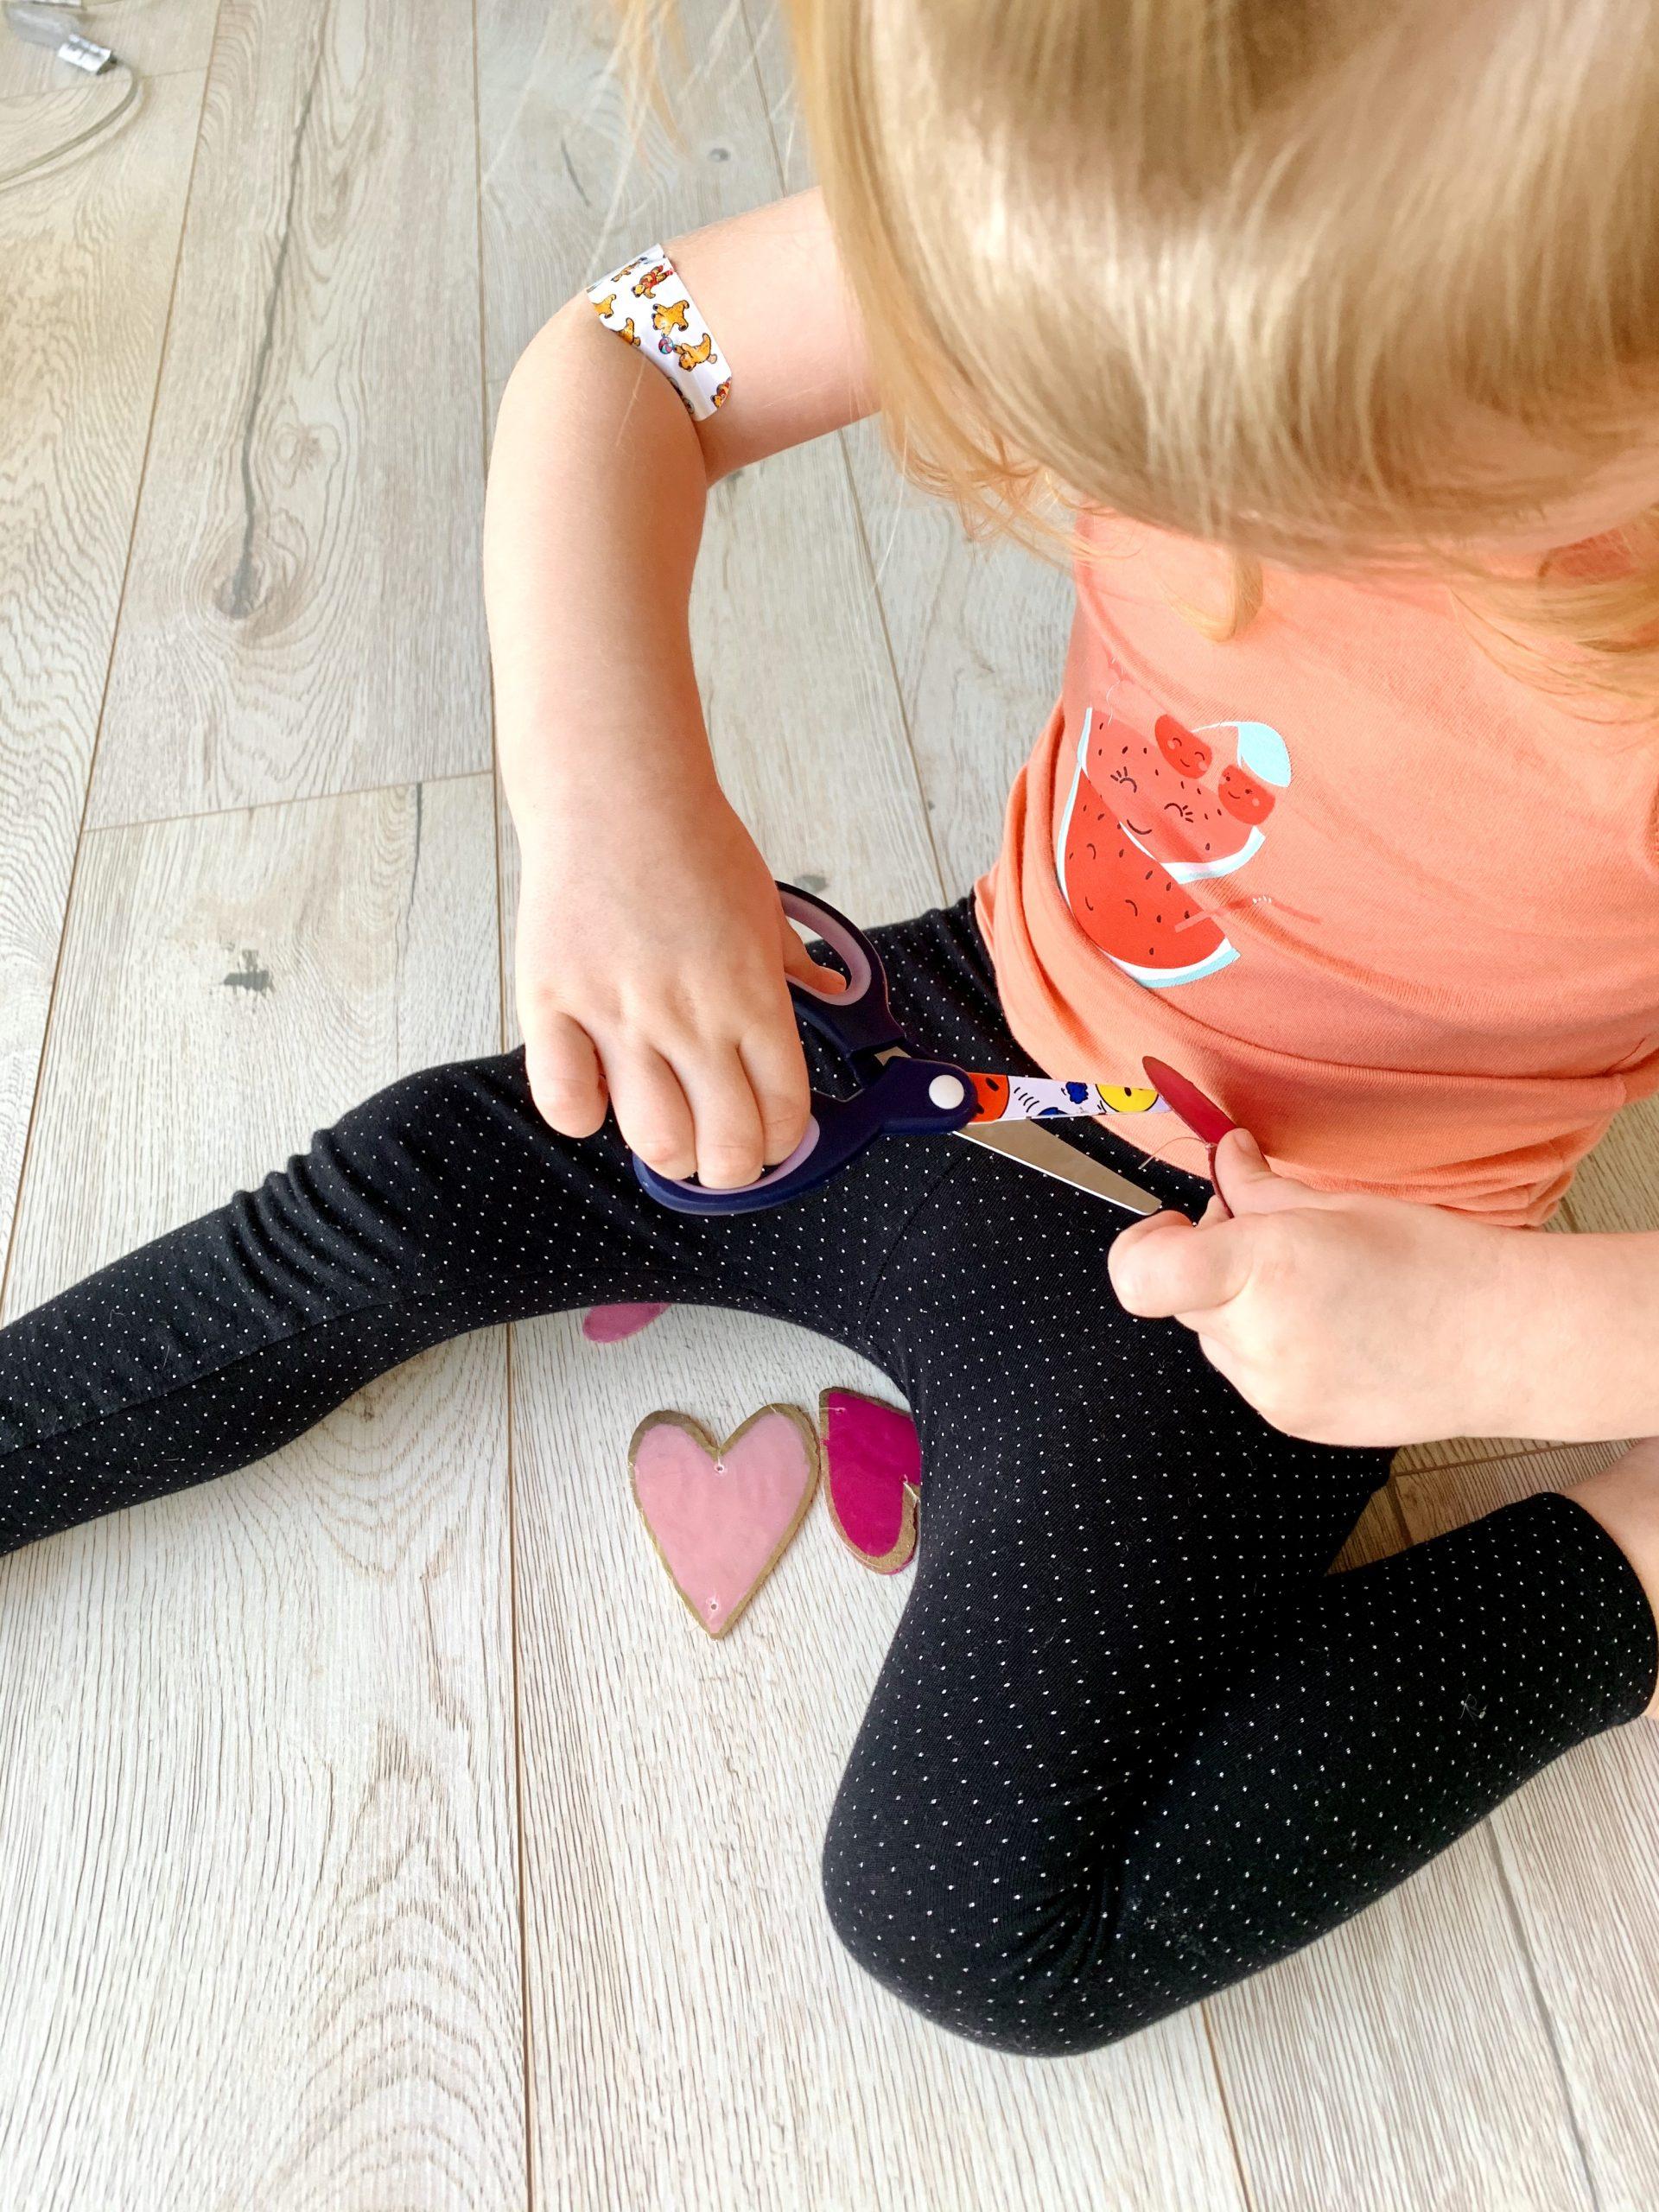 Kinderzimmerdeko Livi hilft